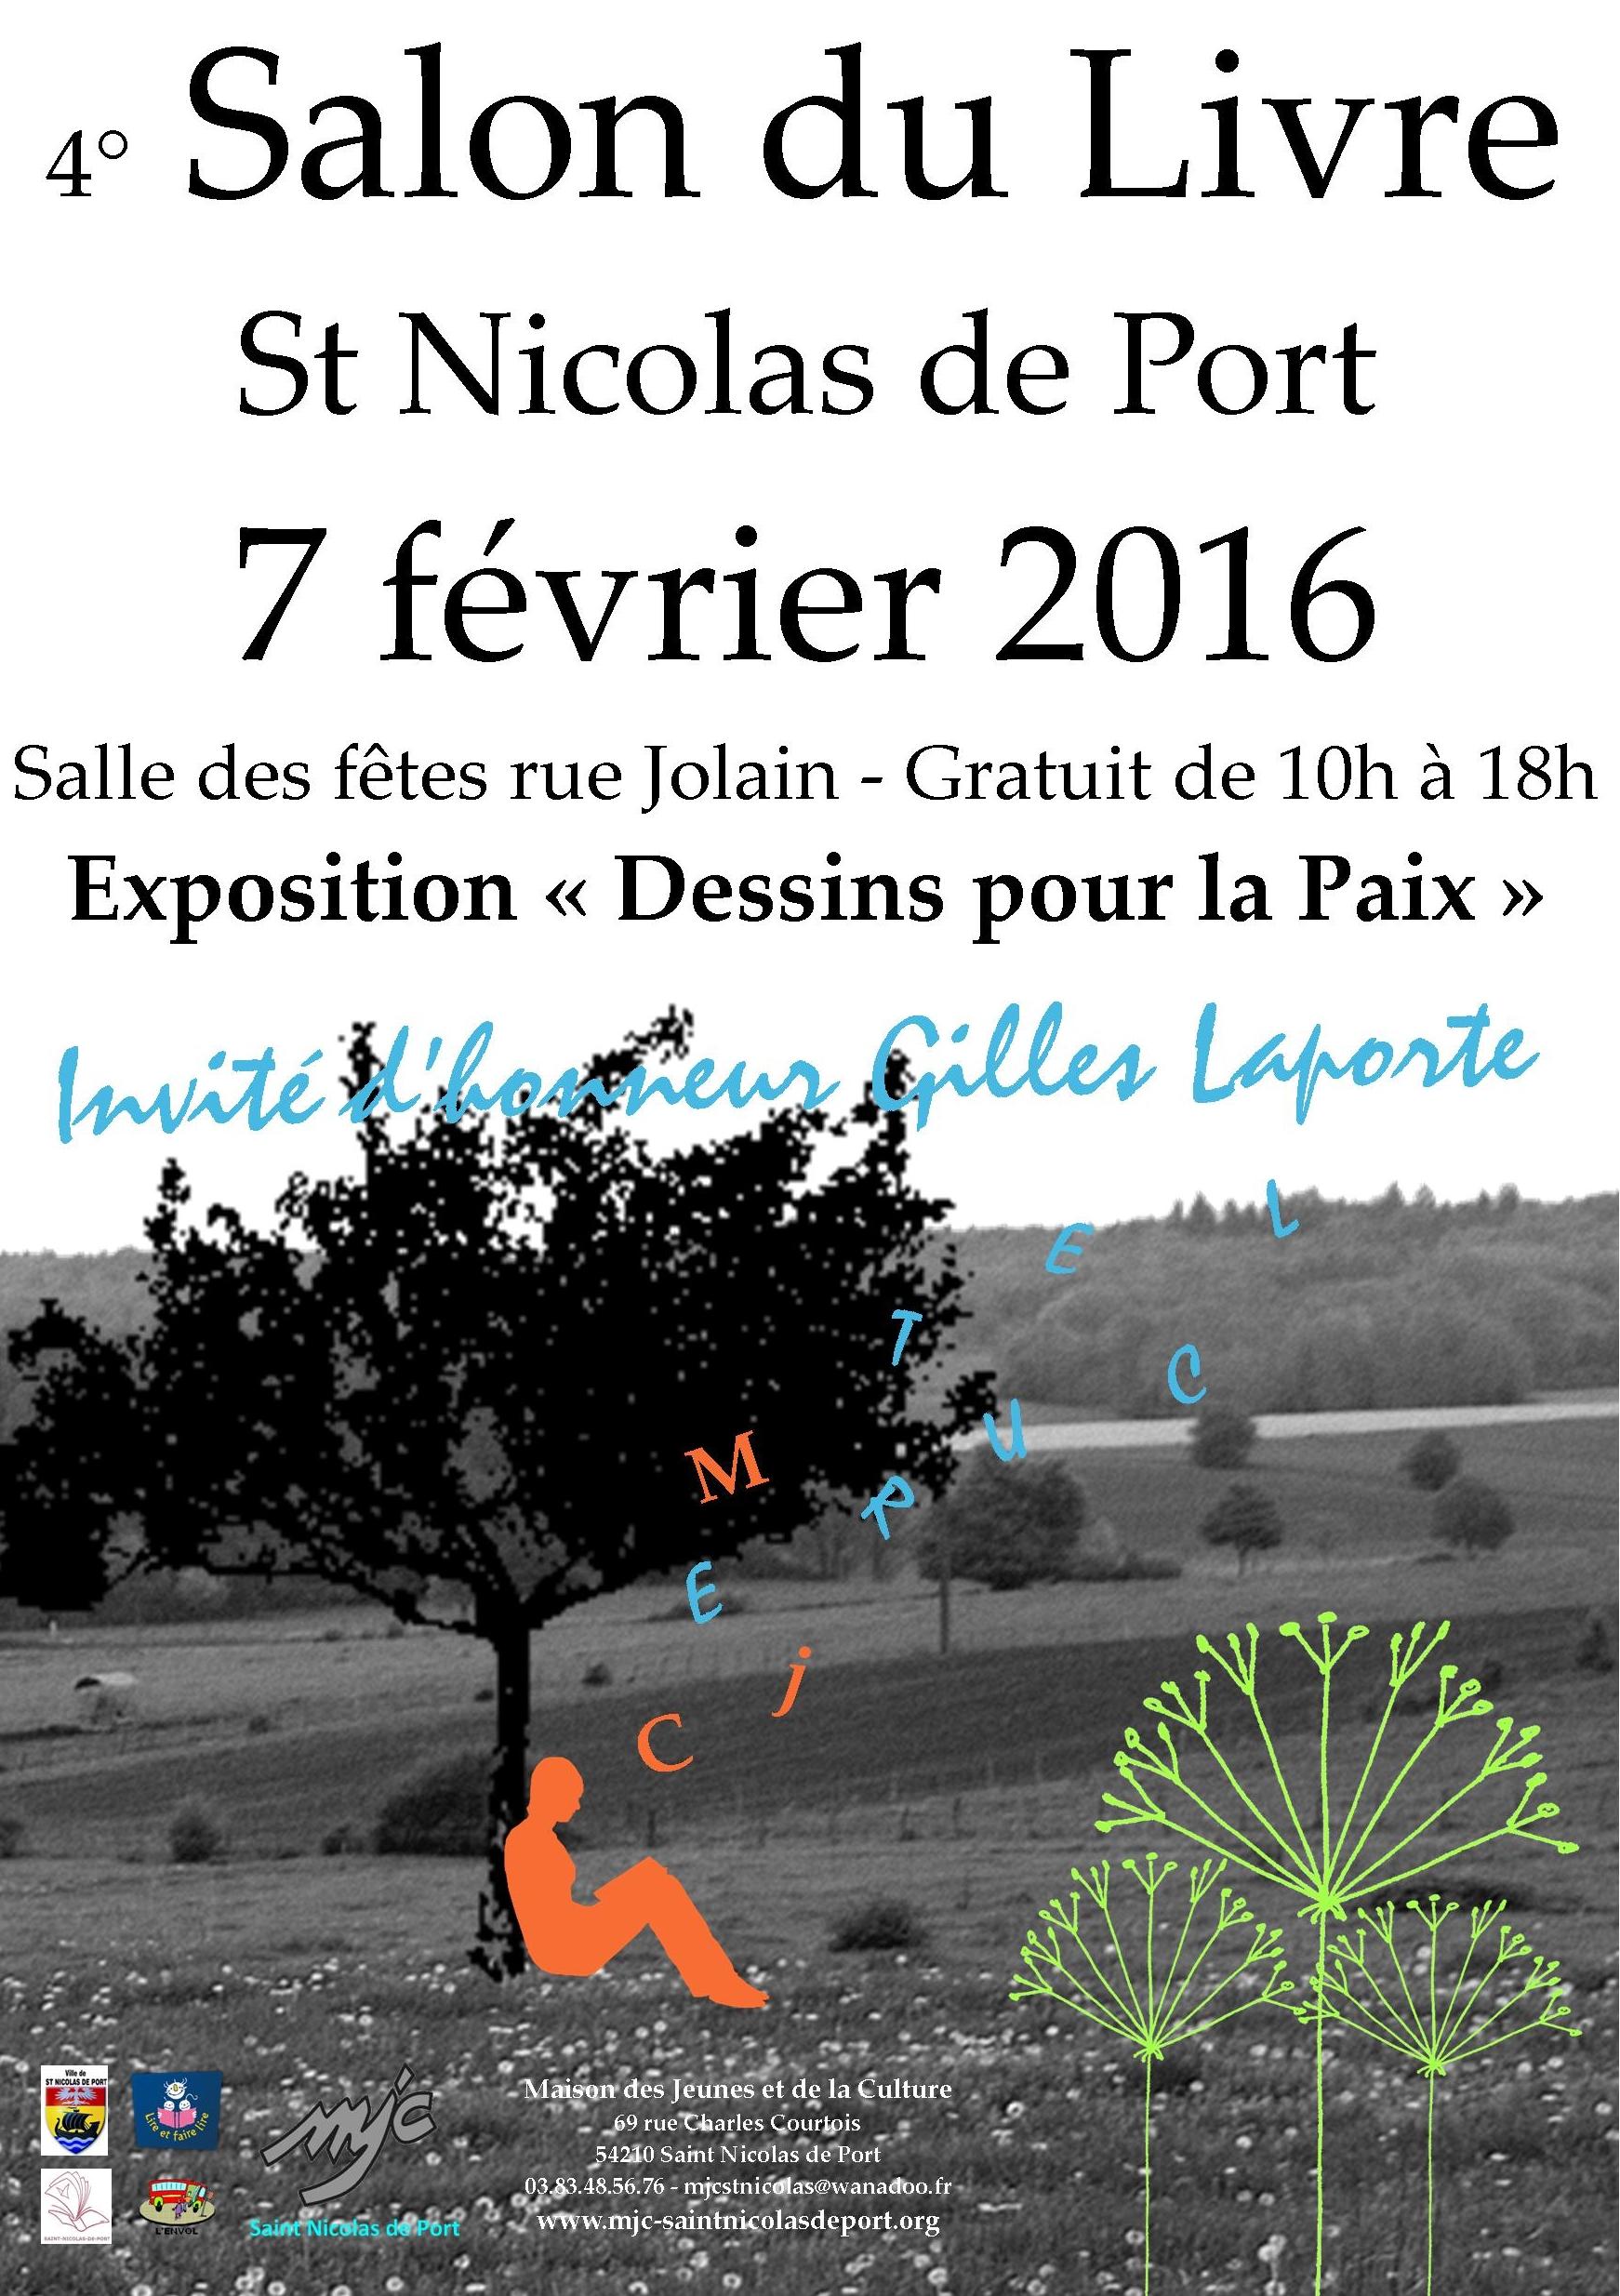 Saint nicolas de port ecrivain public zaz et plus - Salon du livre toulon ...